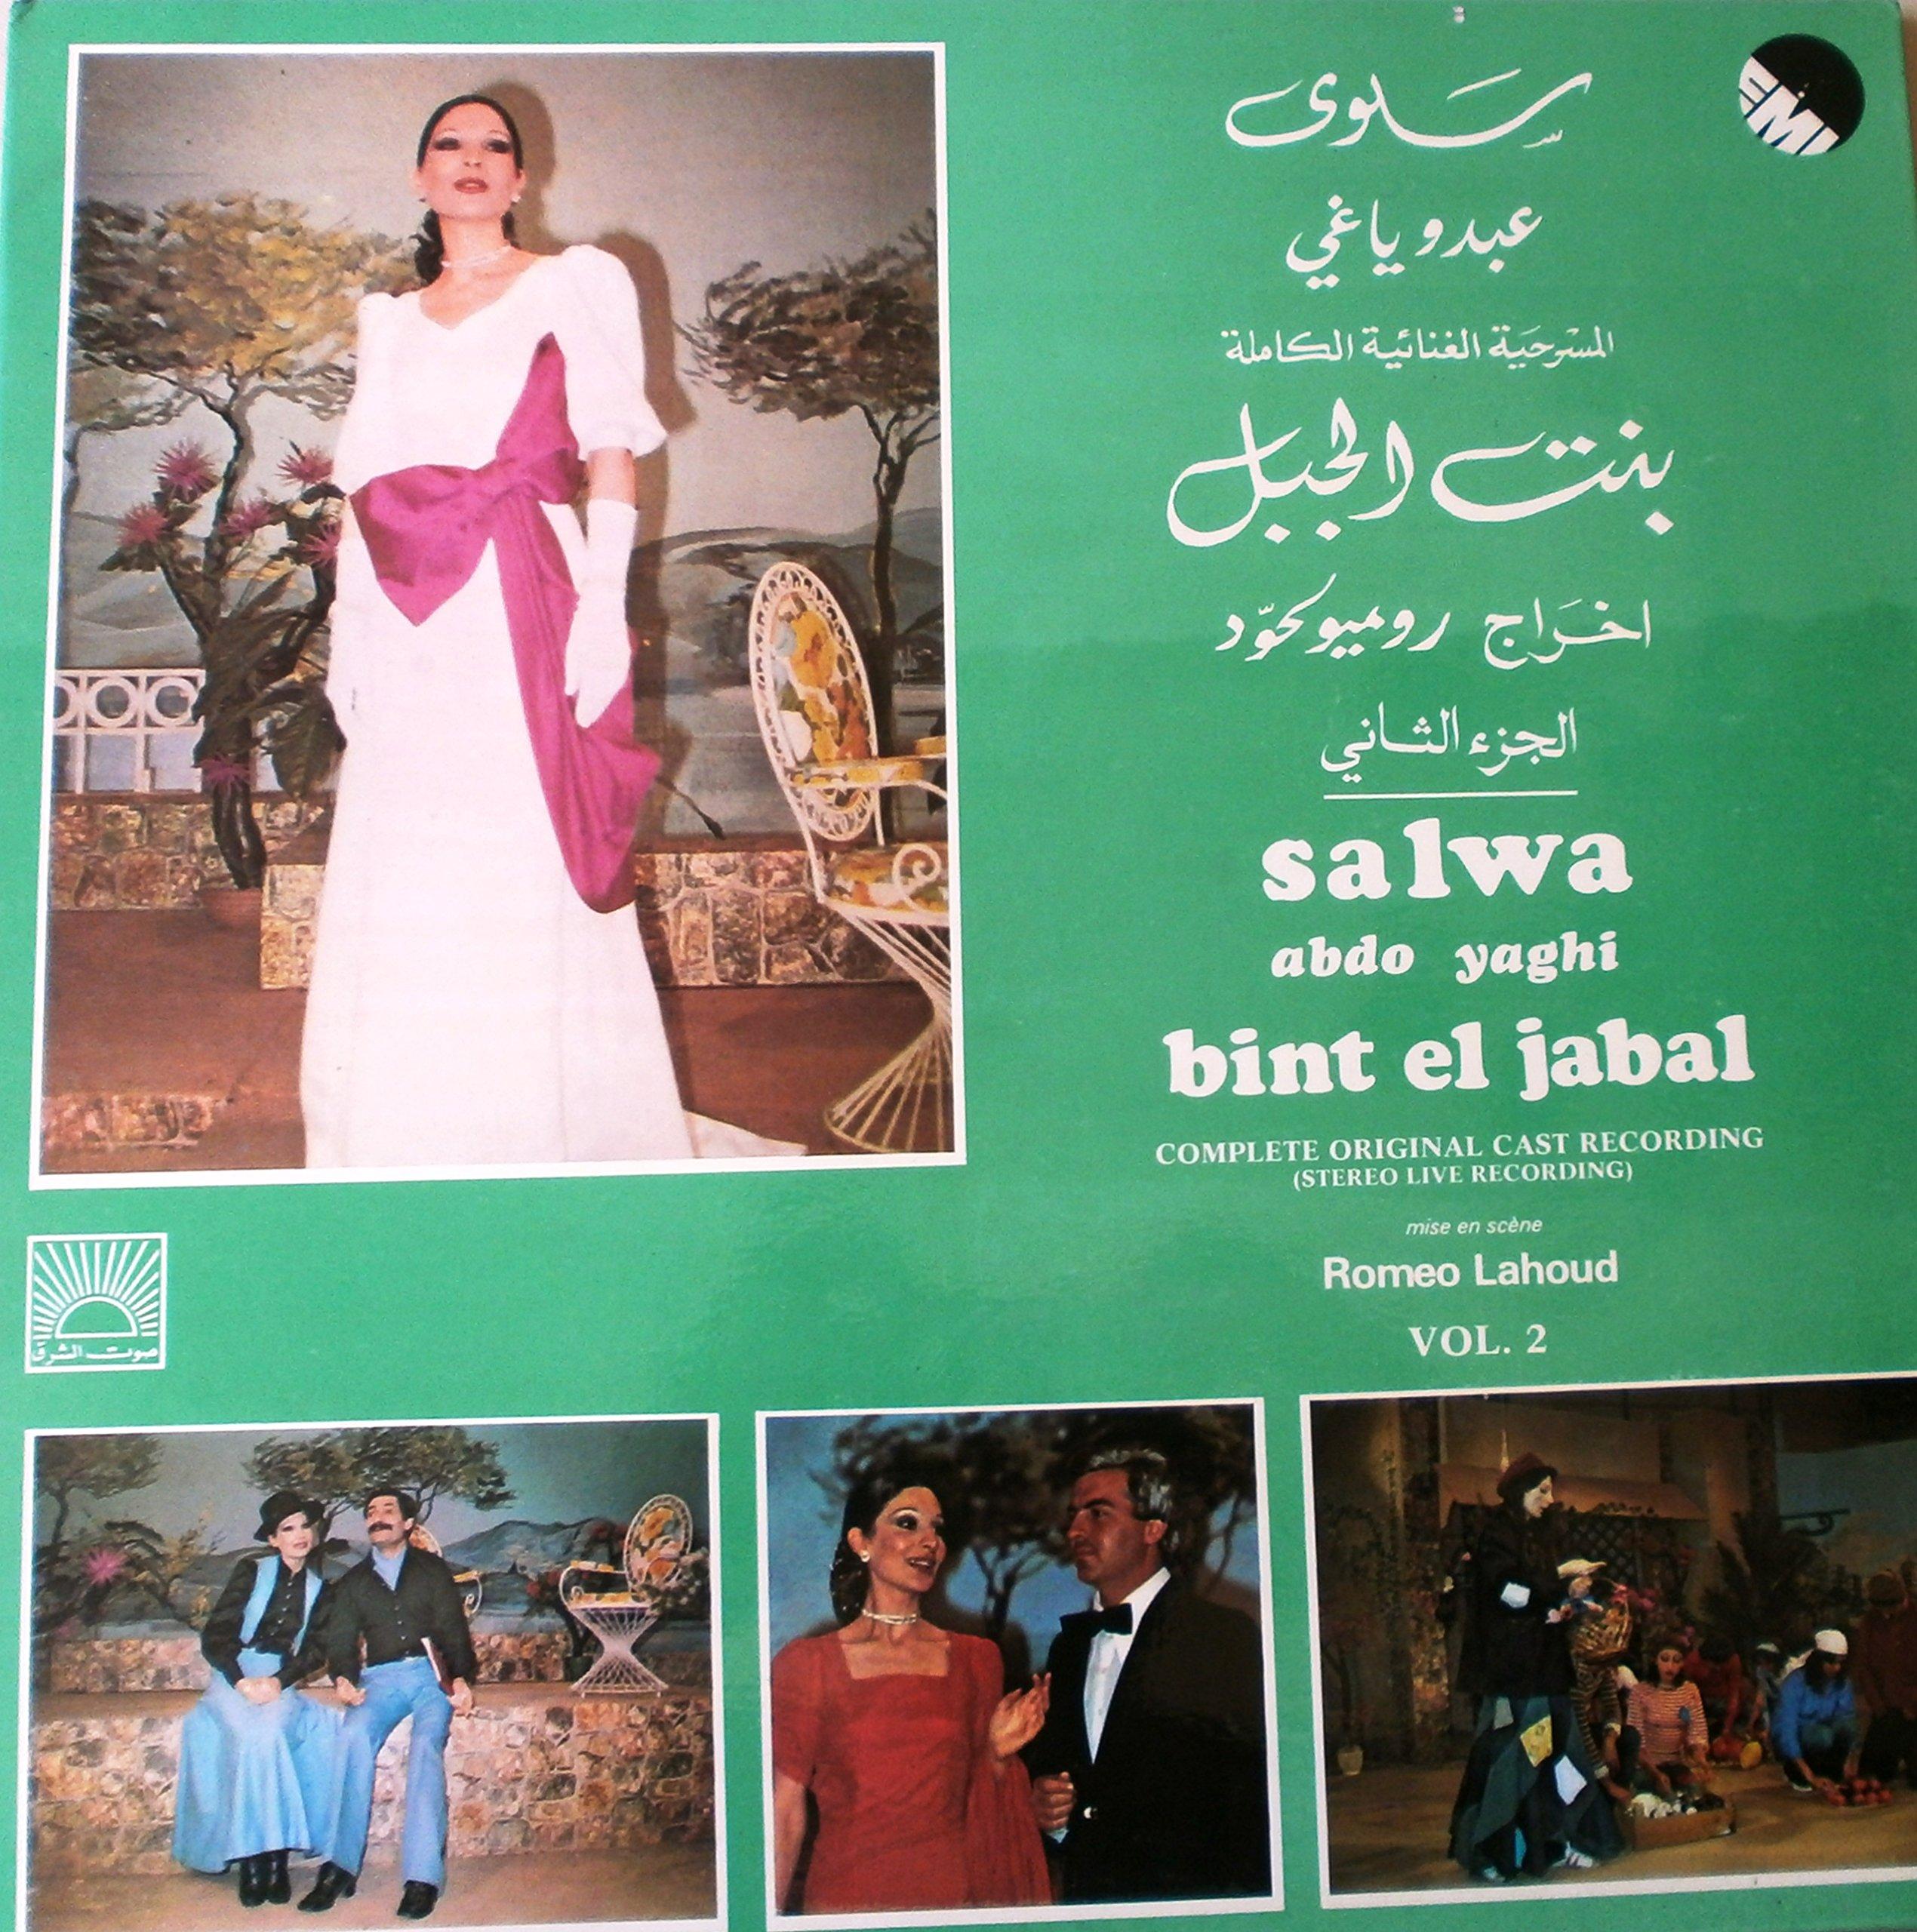 Bint El Jabal (Complete Play Vol. 2) Live Recording